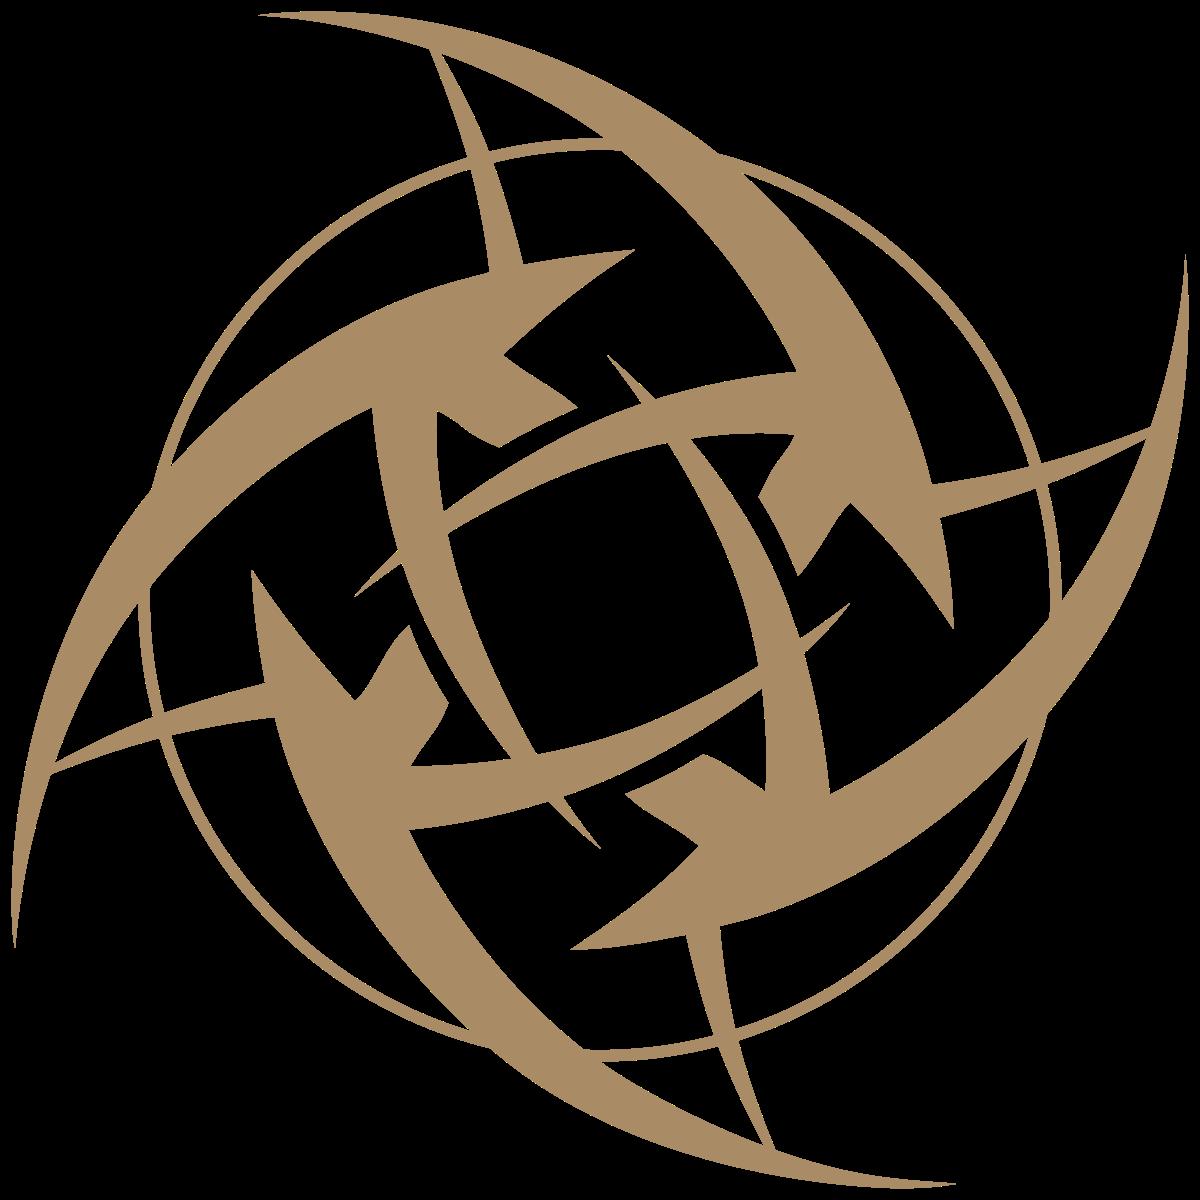 Logo de l'équipe Ninjas In Pyjamas